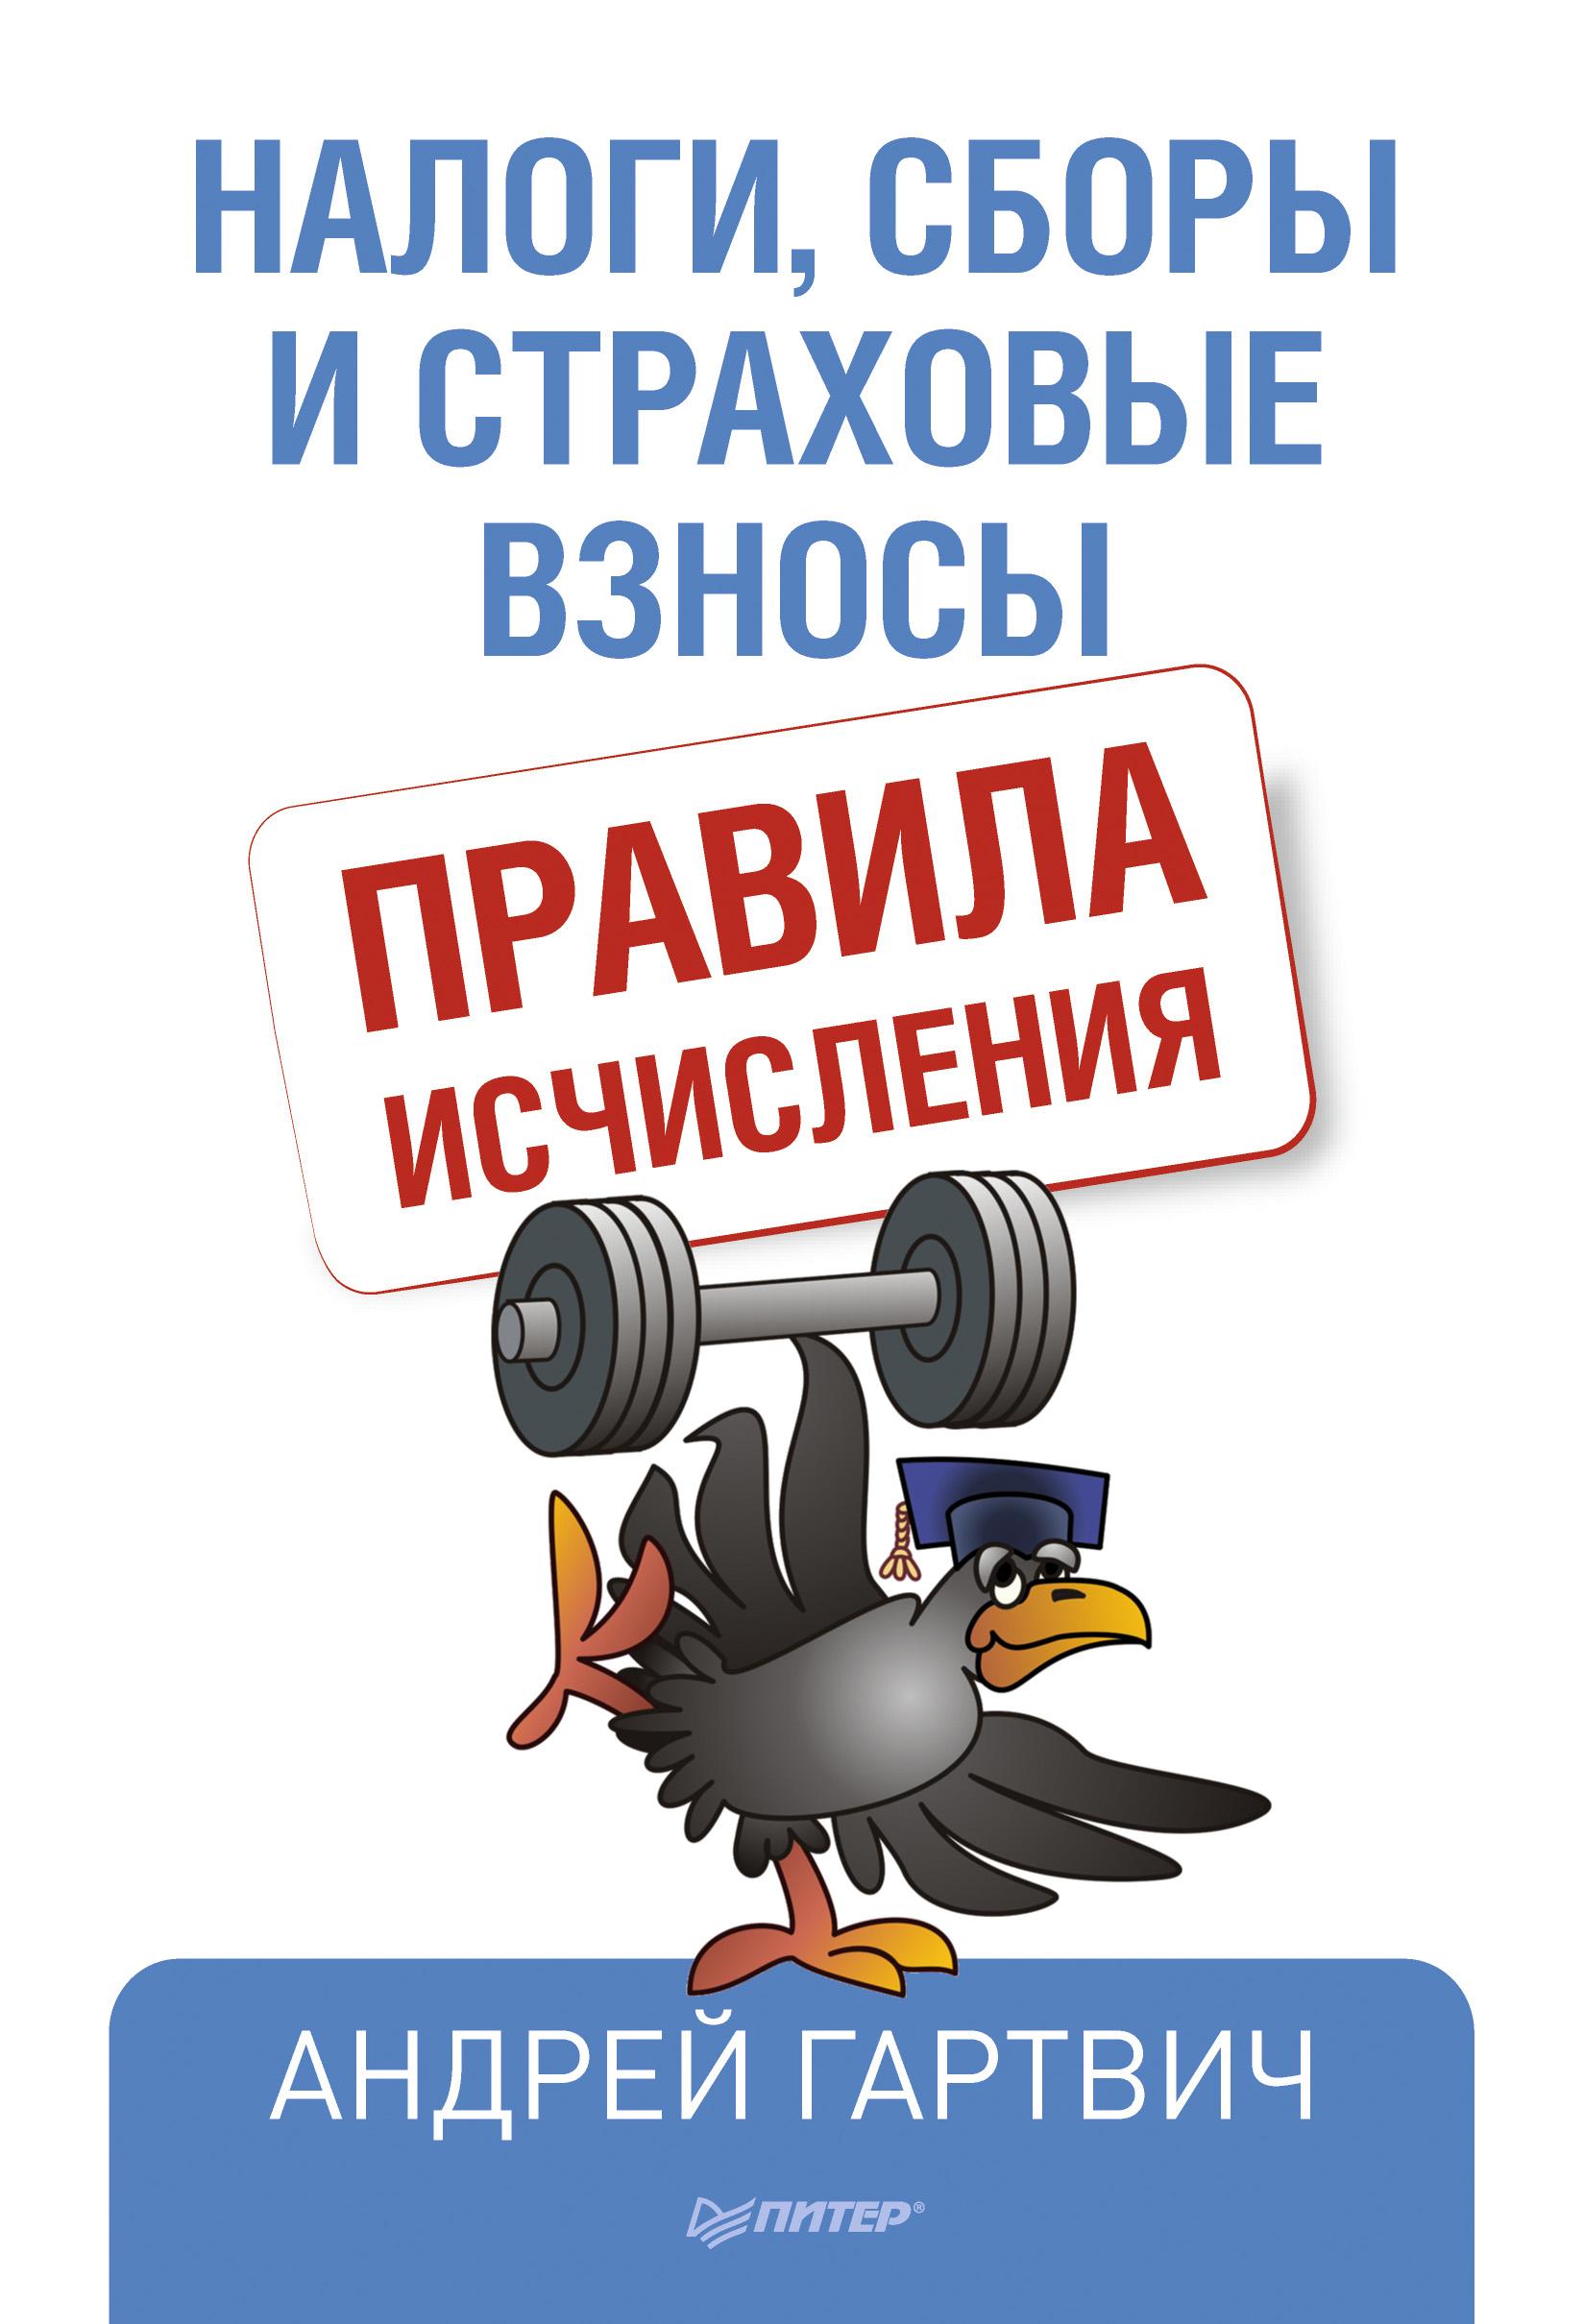 Обложка книги. Автор - Андрей Гартвич